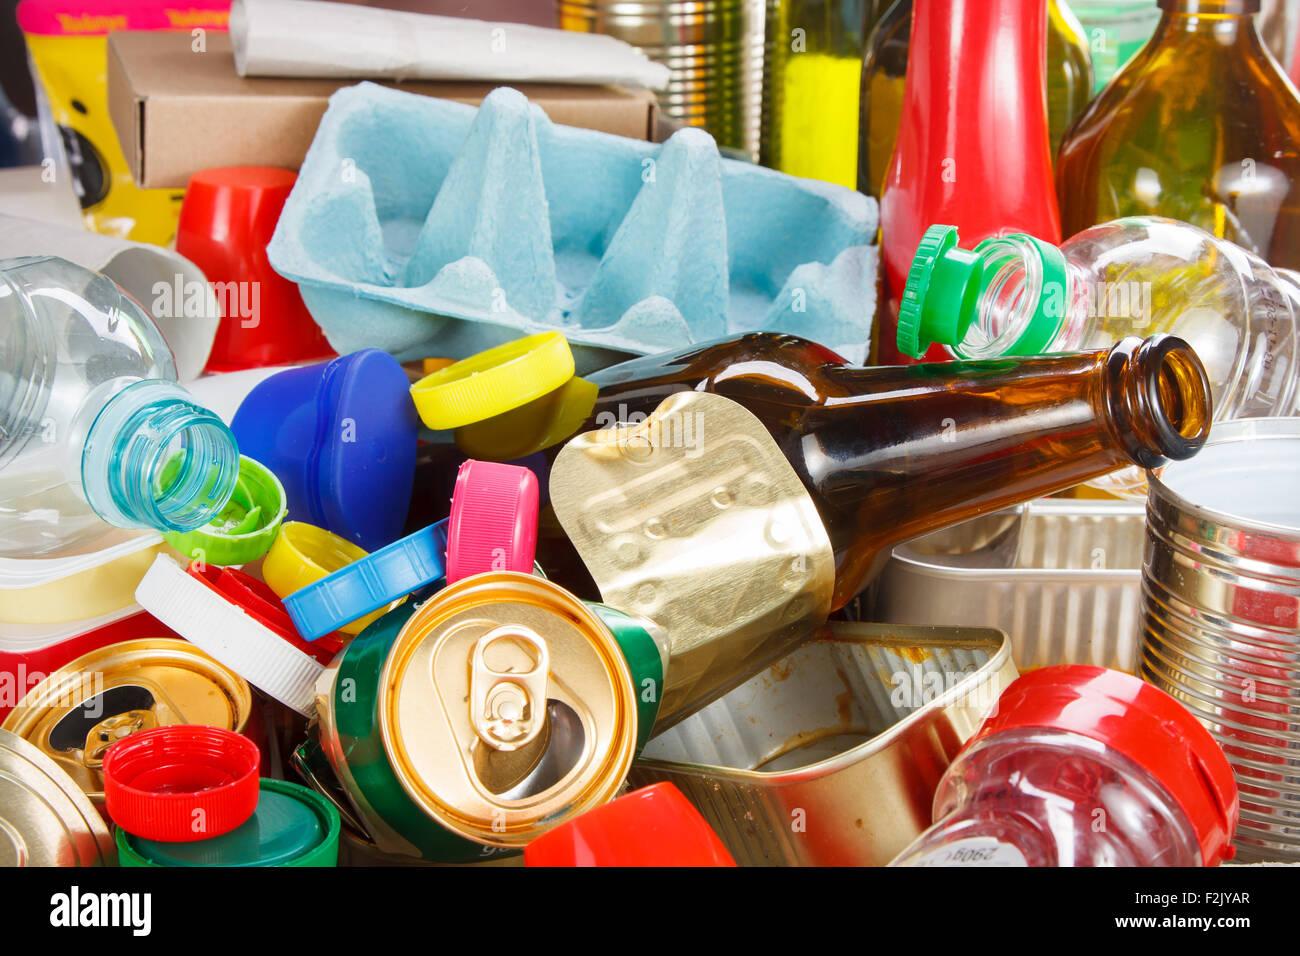 Le recyclage des déchets et la gestion des déchets réutilisables comme le métal, le plastique, le vieux papier produits Banque D'Images